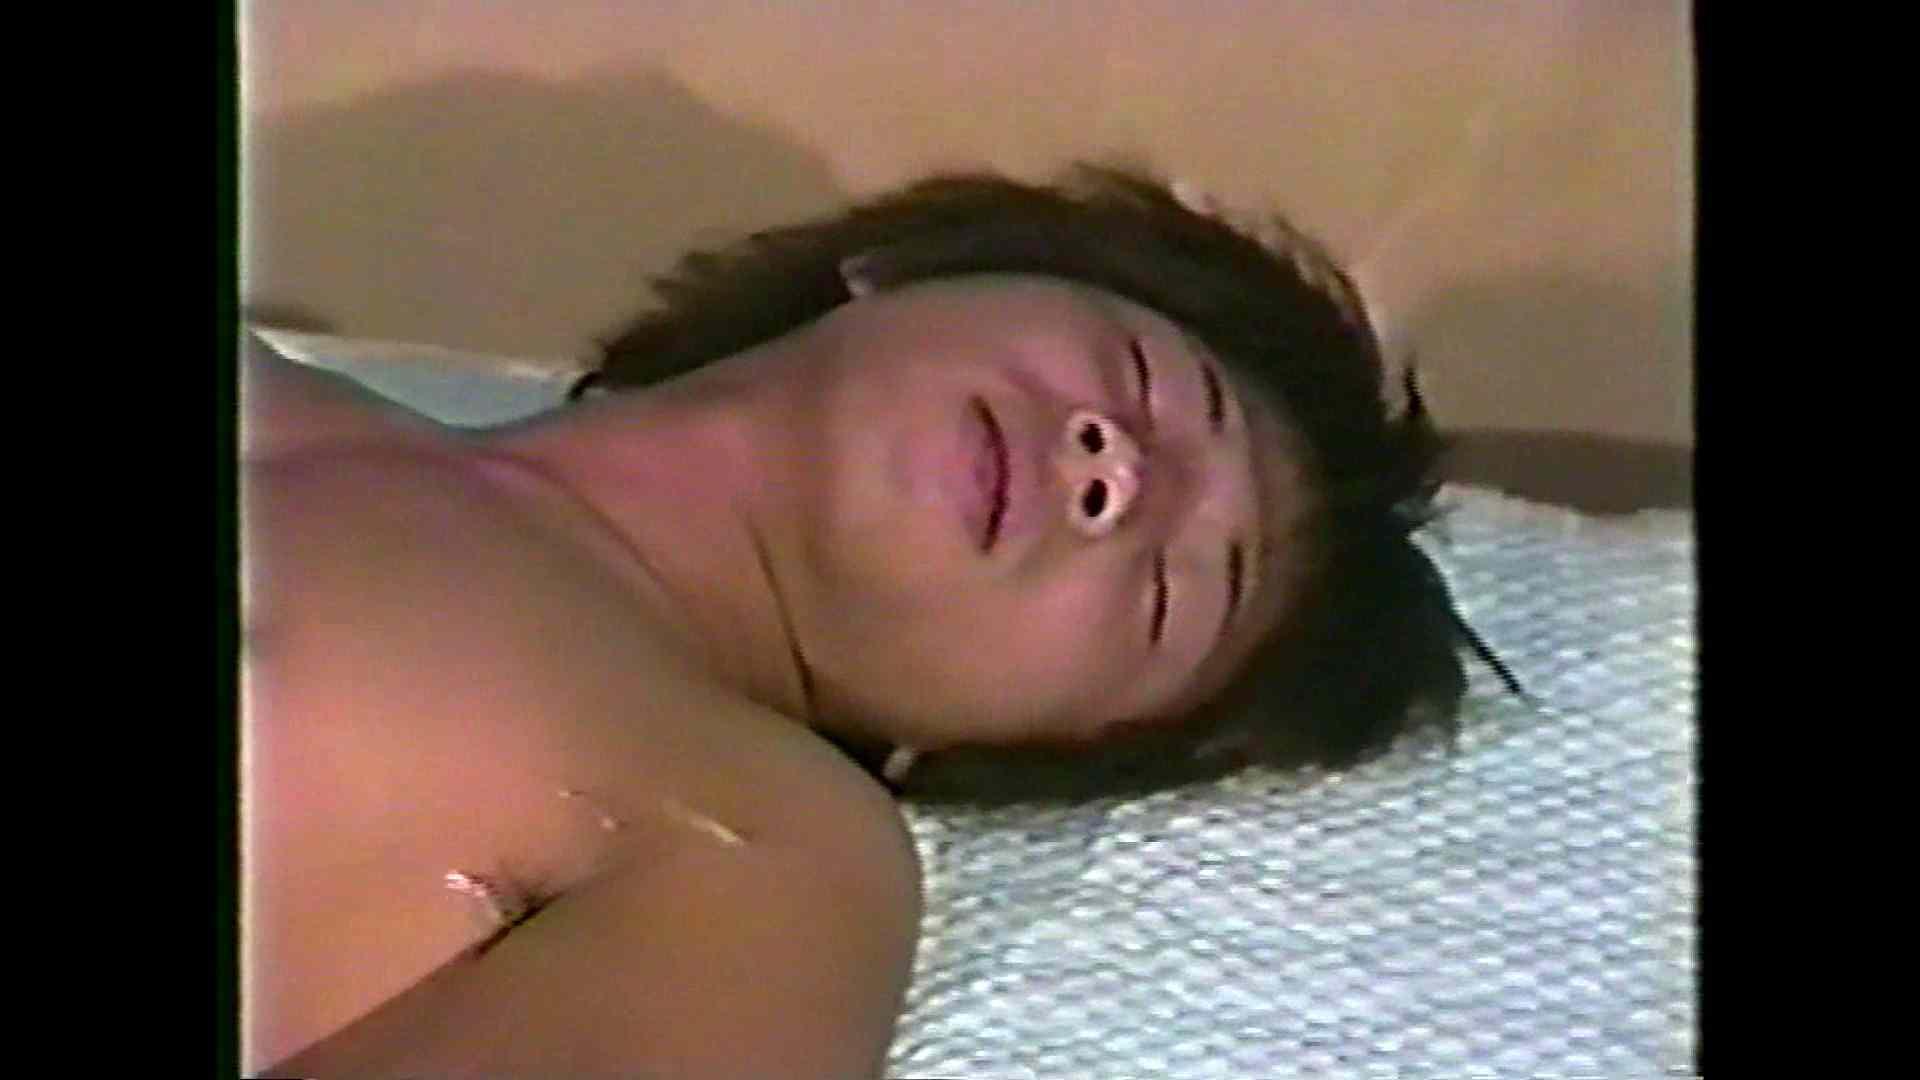 MADOKAさんのズリネタコレクションVol.3-4 ゲイマニア | 0  108pic 82